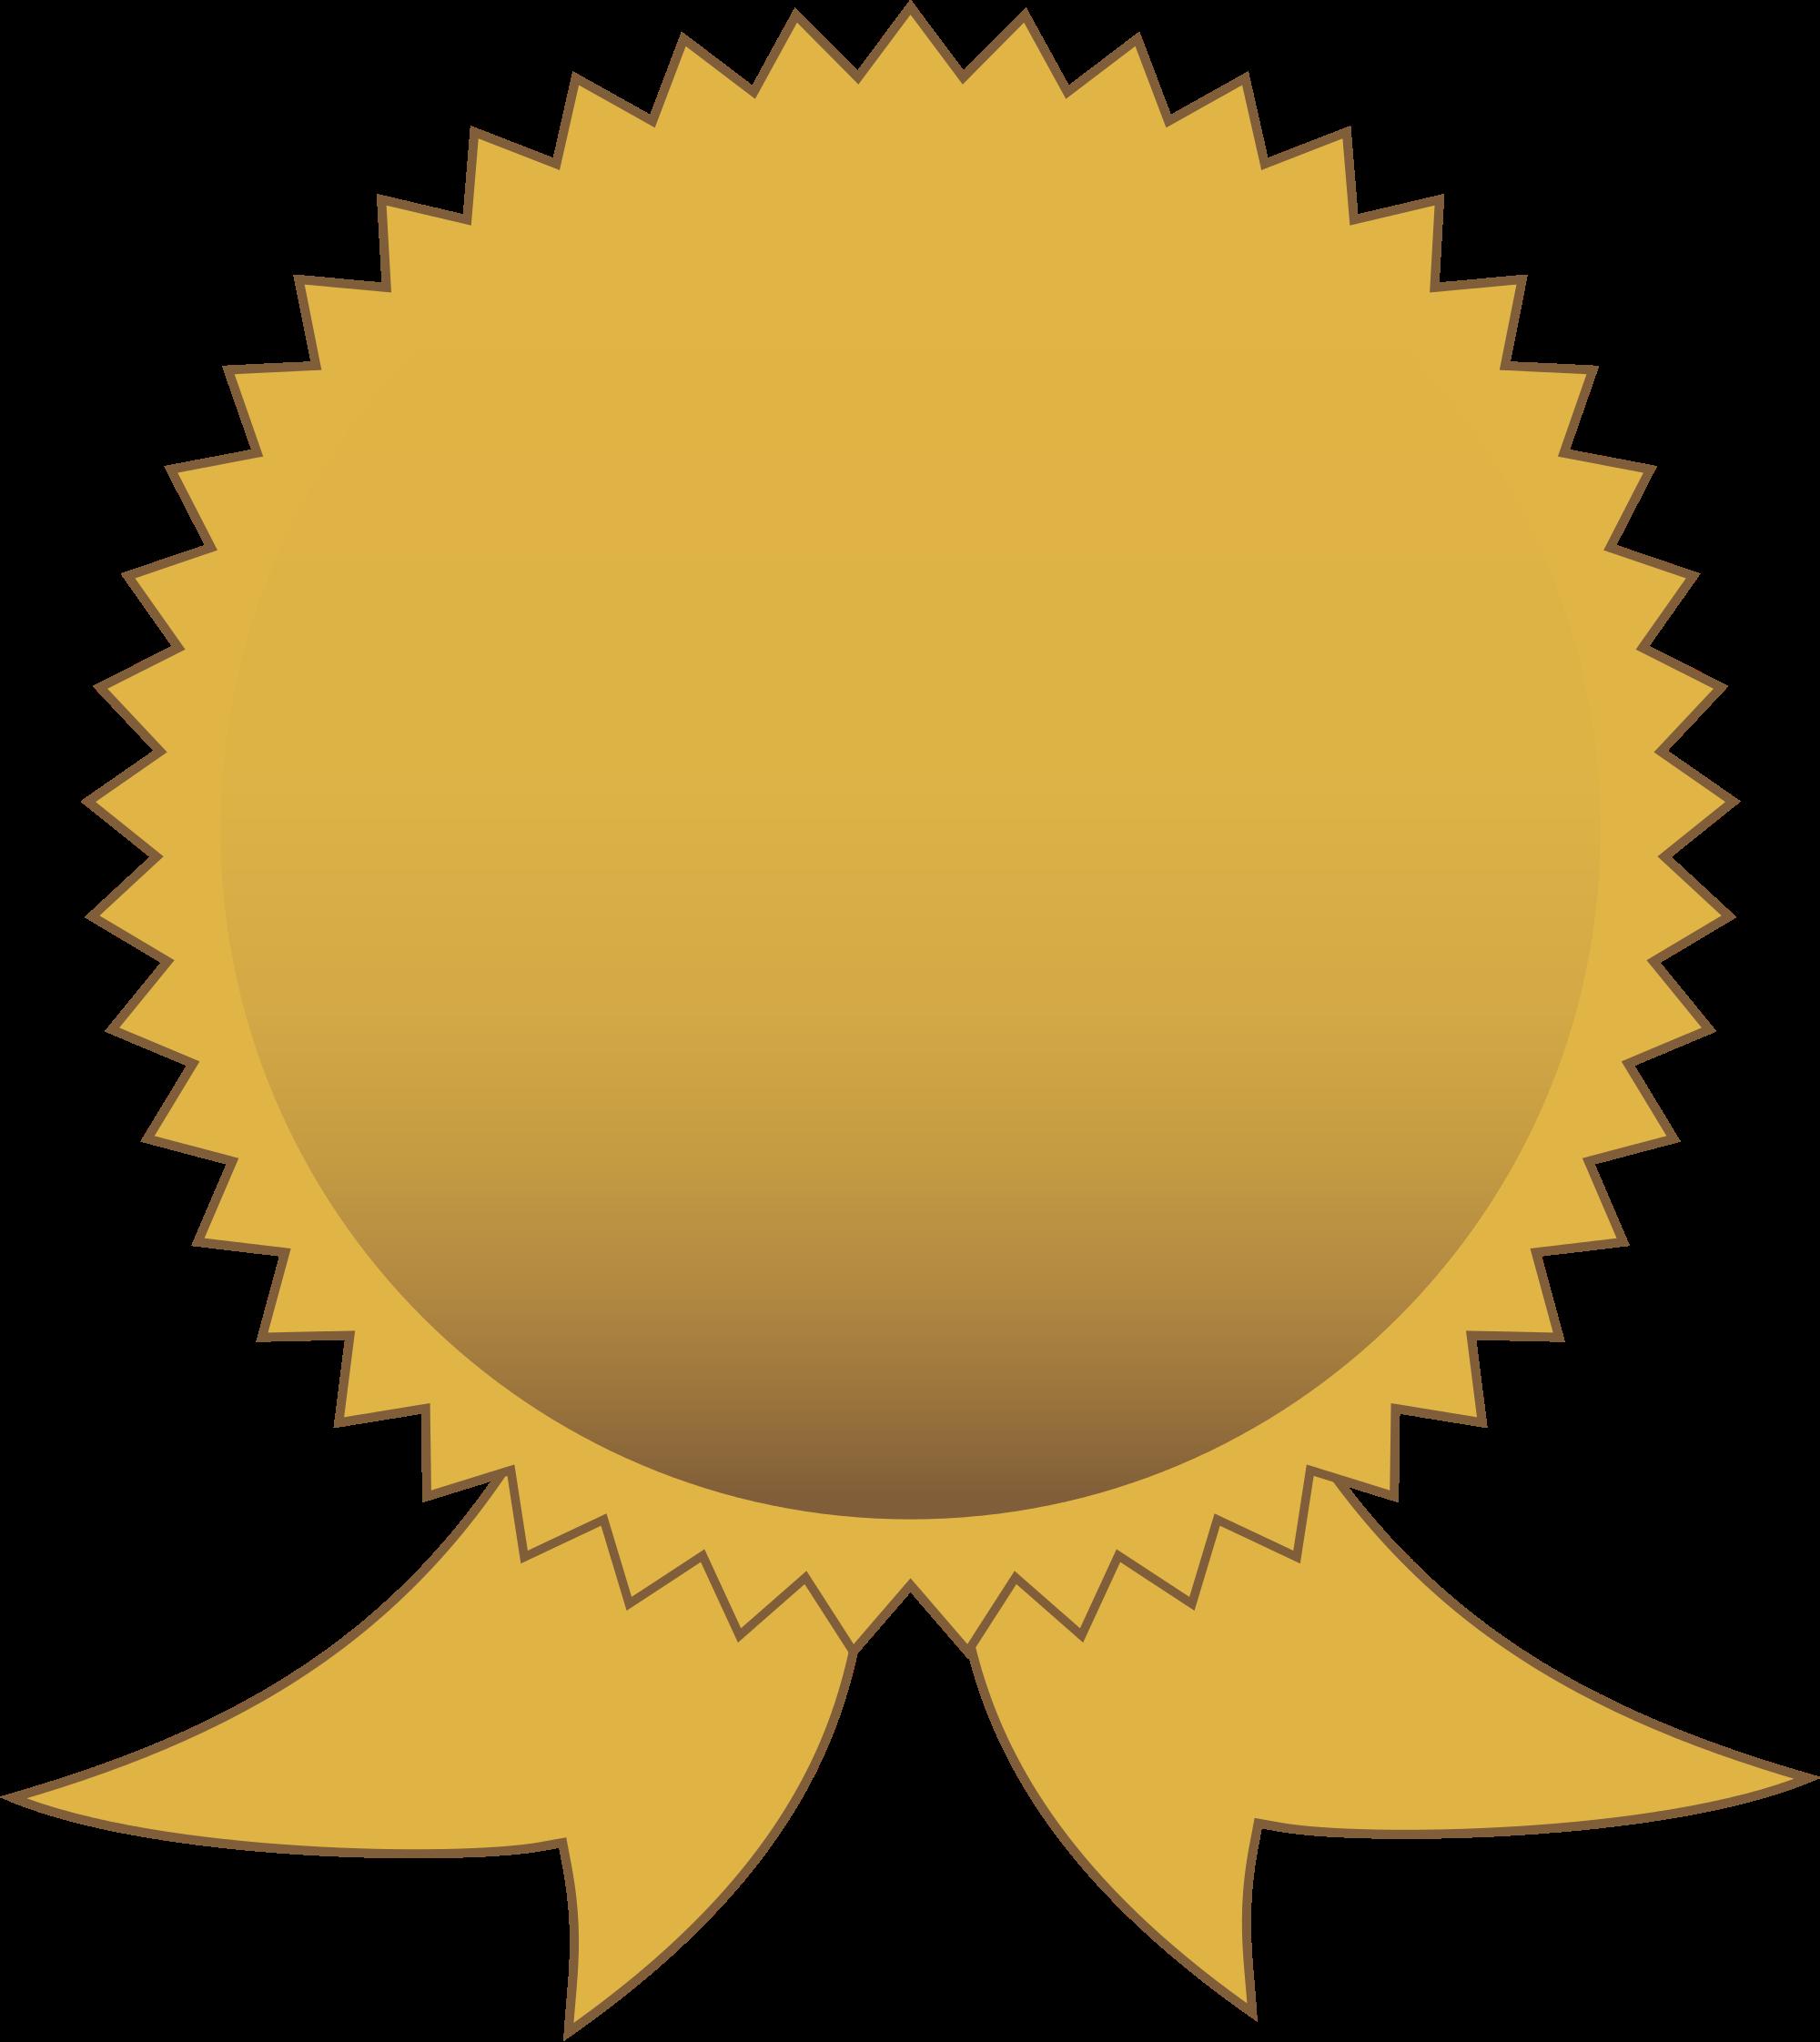 2000x2244 Gold Certificate Seal Clip Art